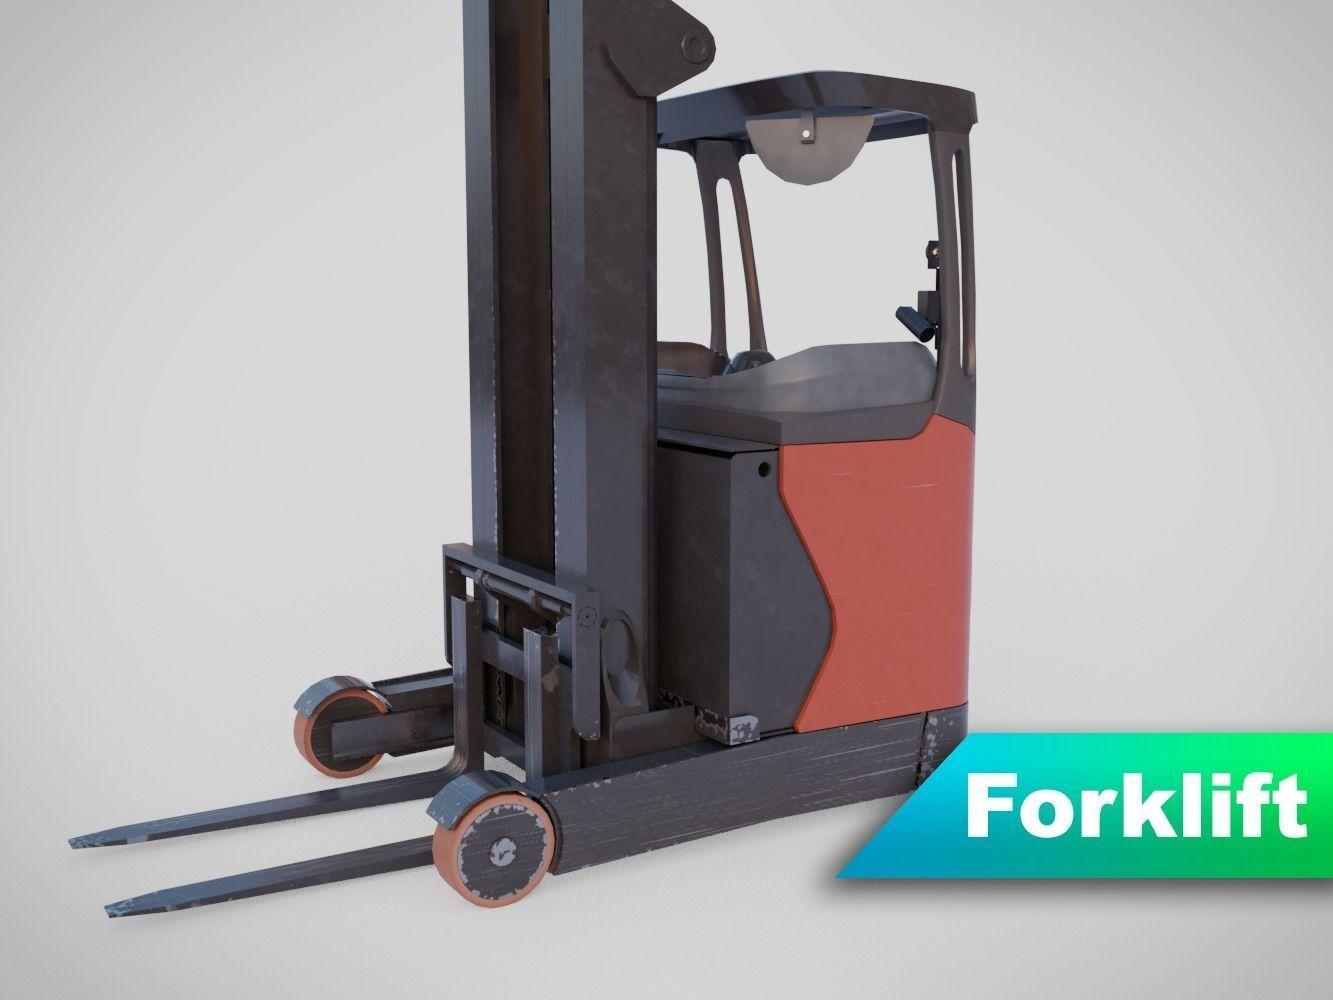 Forklift - Linde R 16